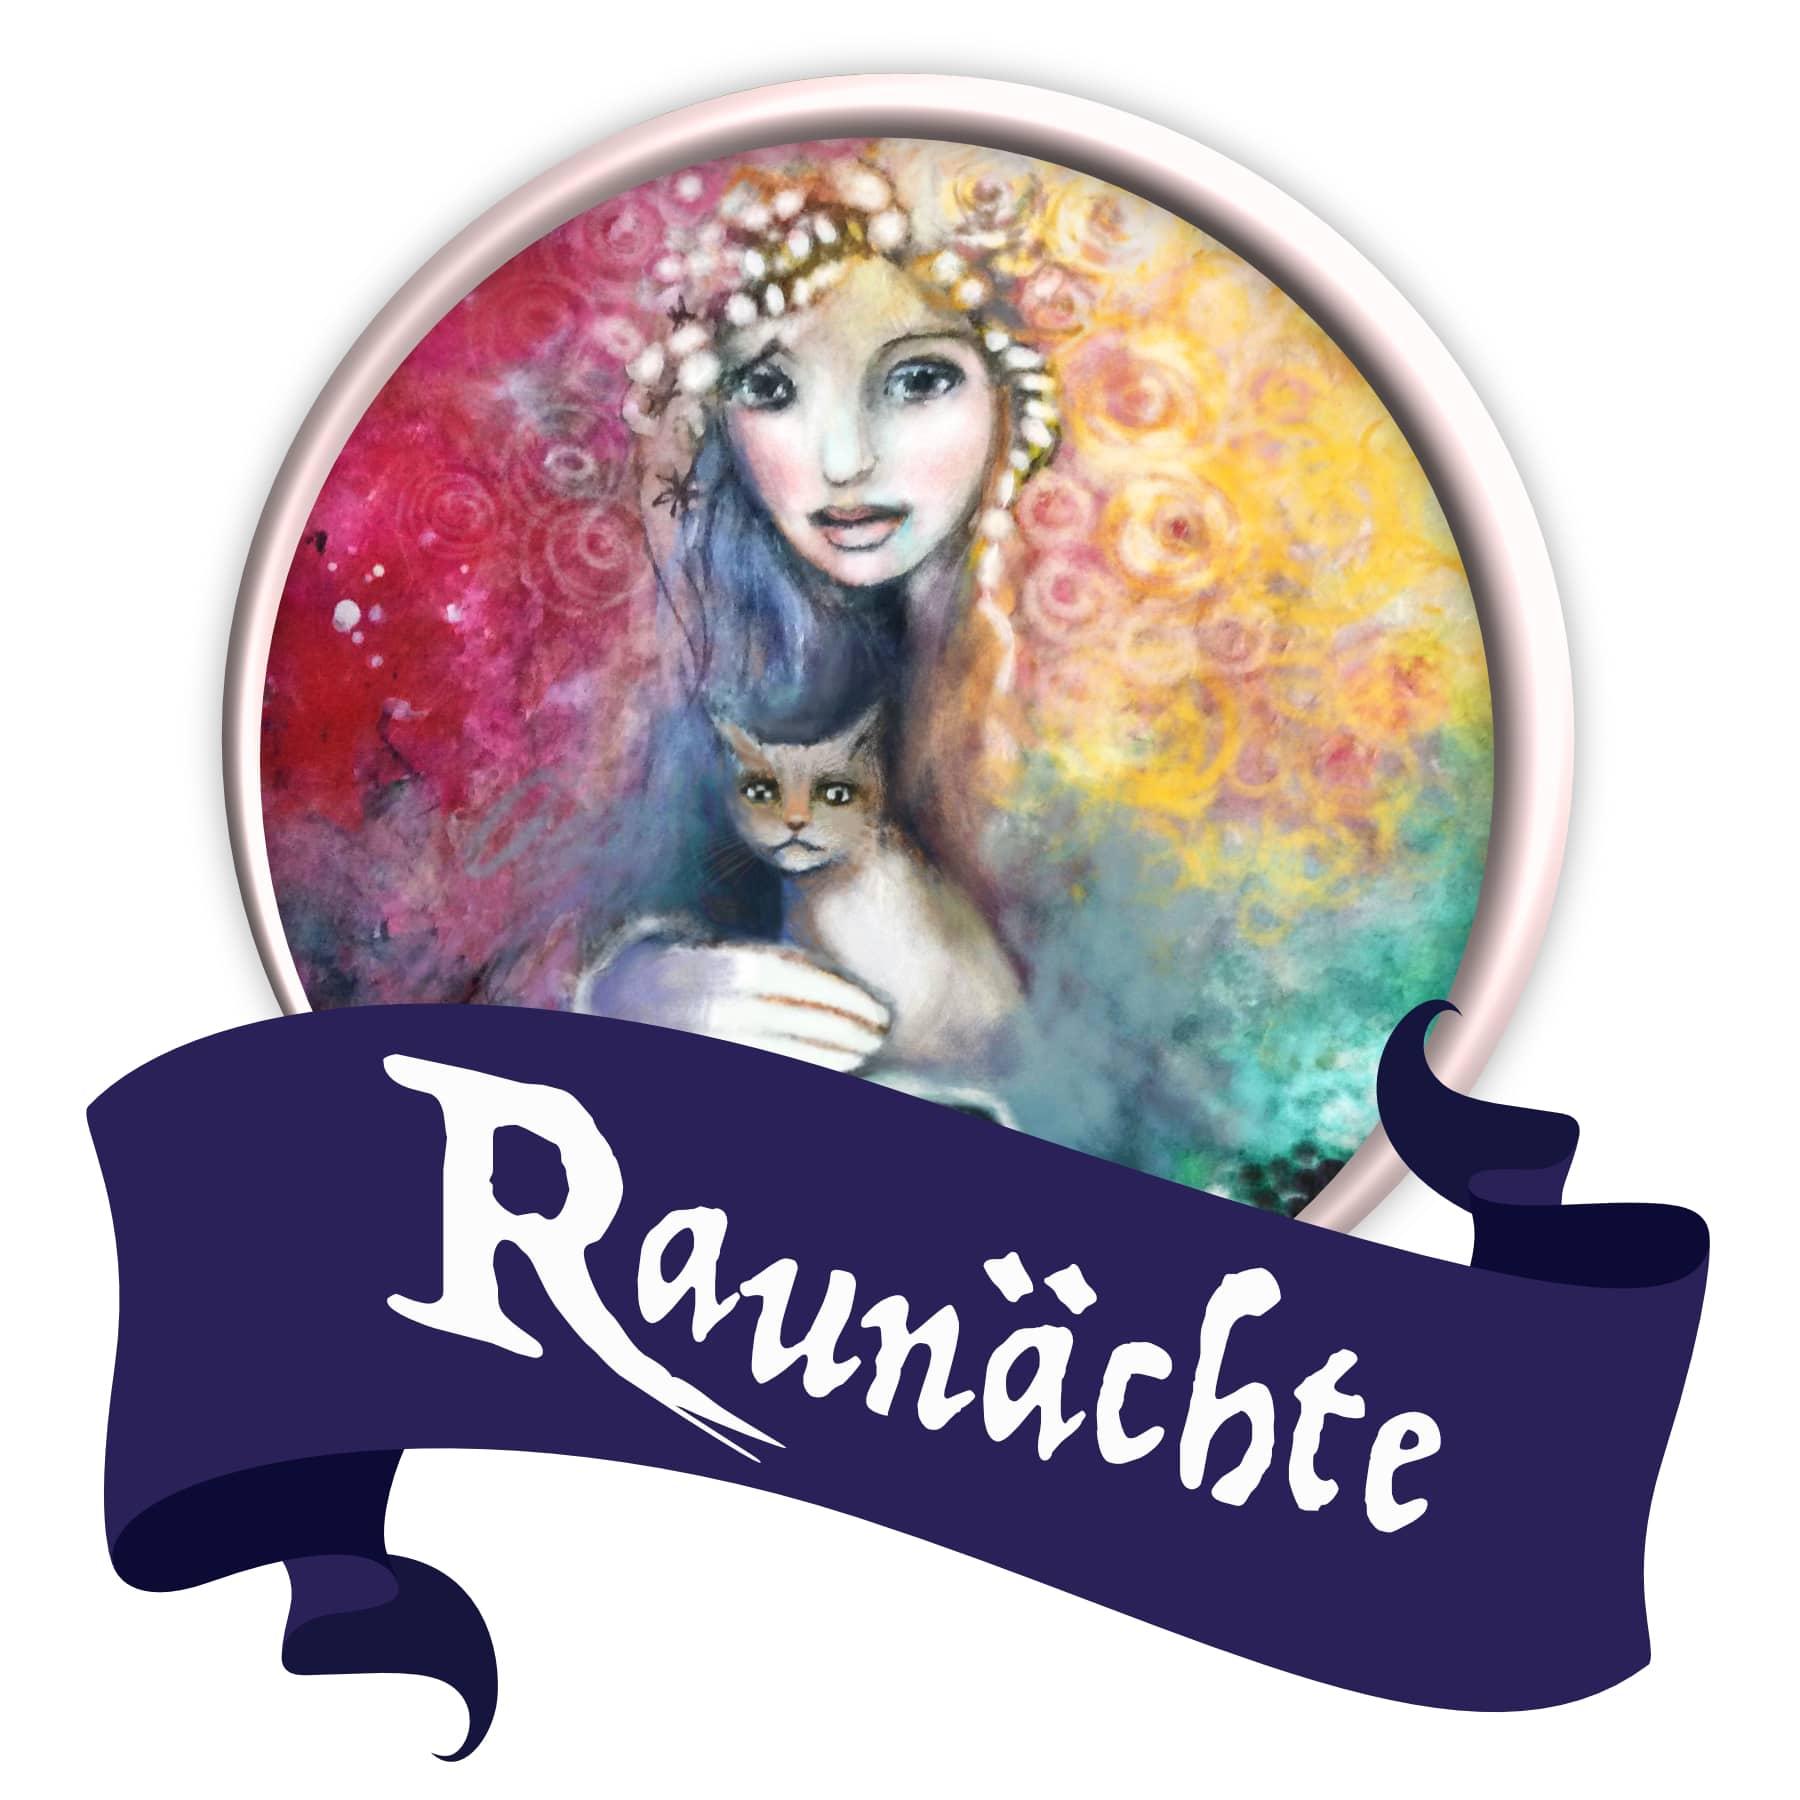 Raunaechte Logo